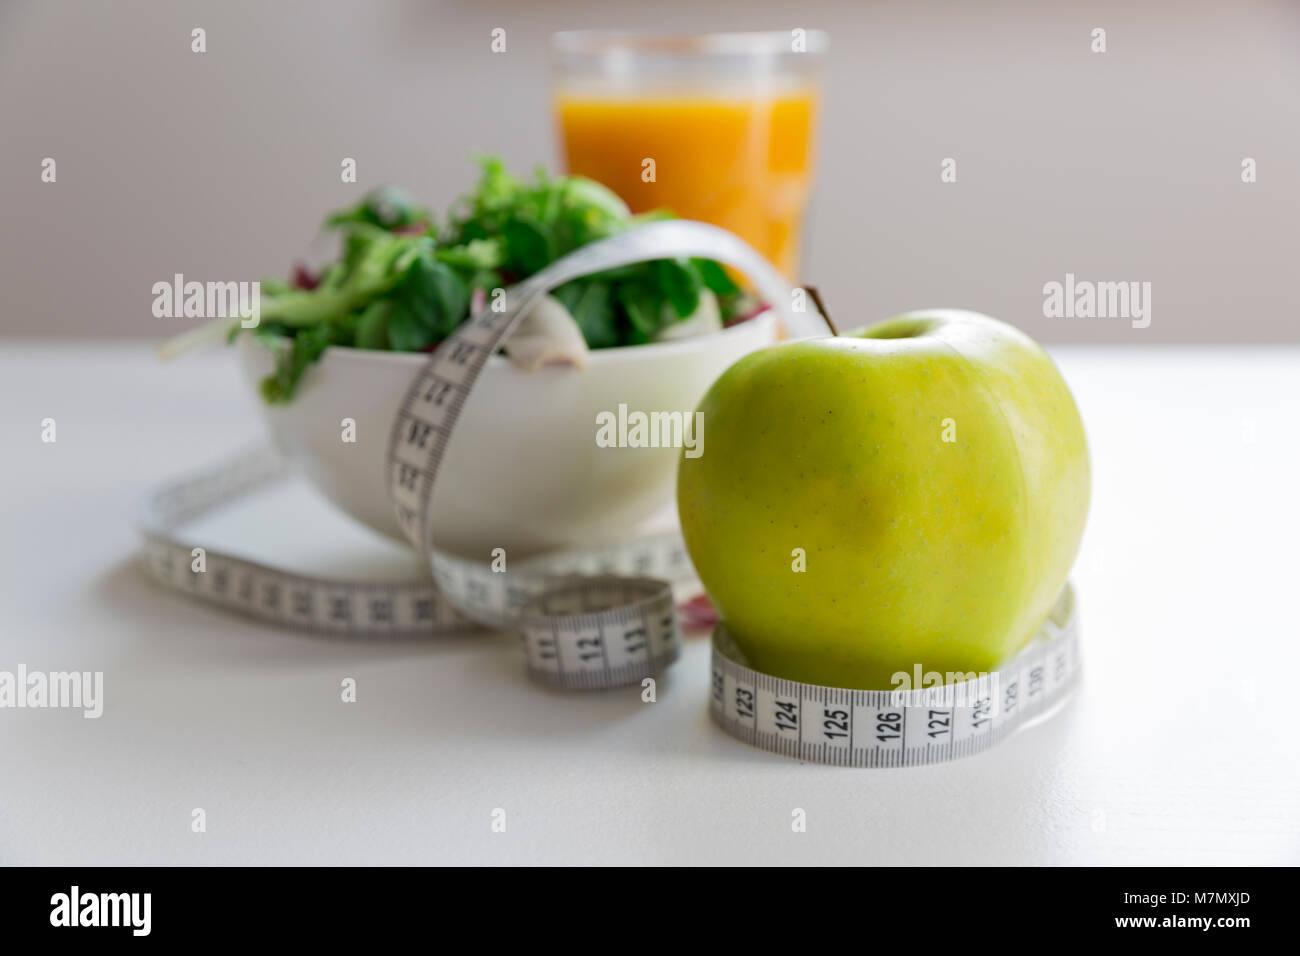 Ruban à mesurer autour de la pomme, bol de salade verte et un verre de jus. La perte de poids et la bonne nutrition Photo Stock